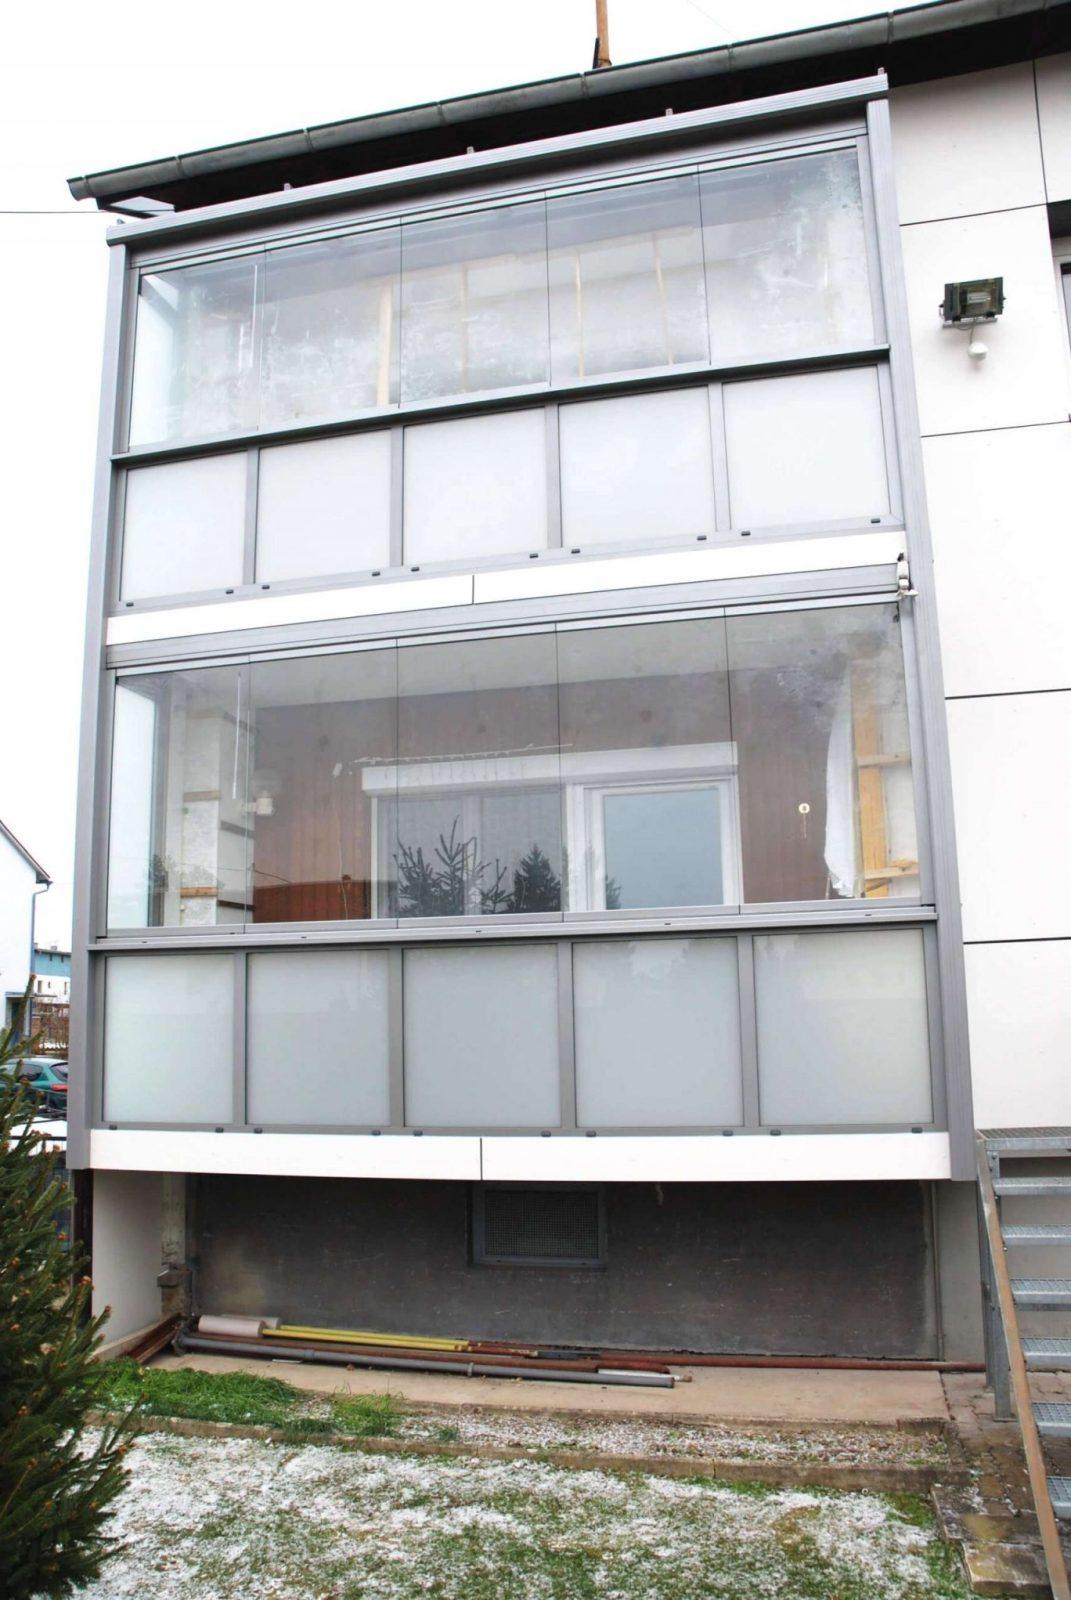 Sichtschutz Terrasse Ohne Bohren Frisch Inspiration Windschutz von Windschutz Für Balkon Ohne Bohren Photo